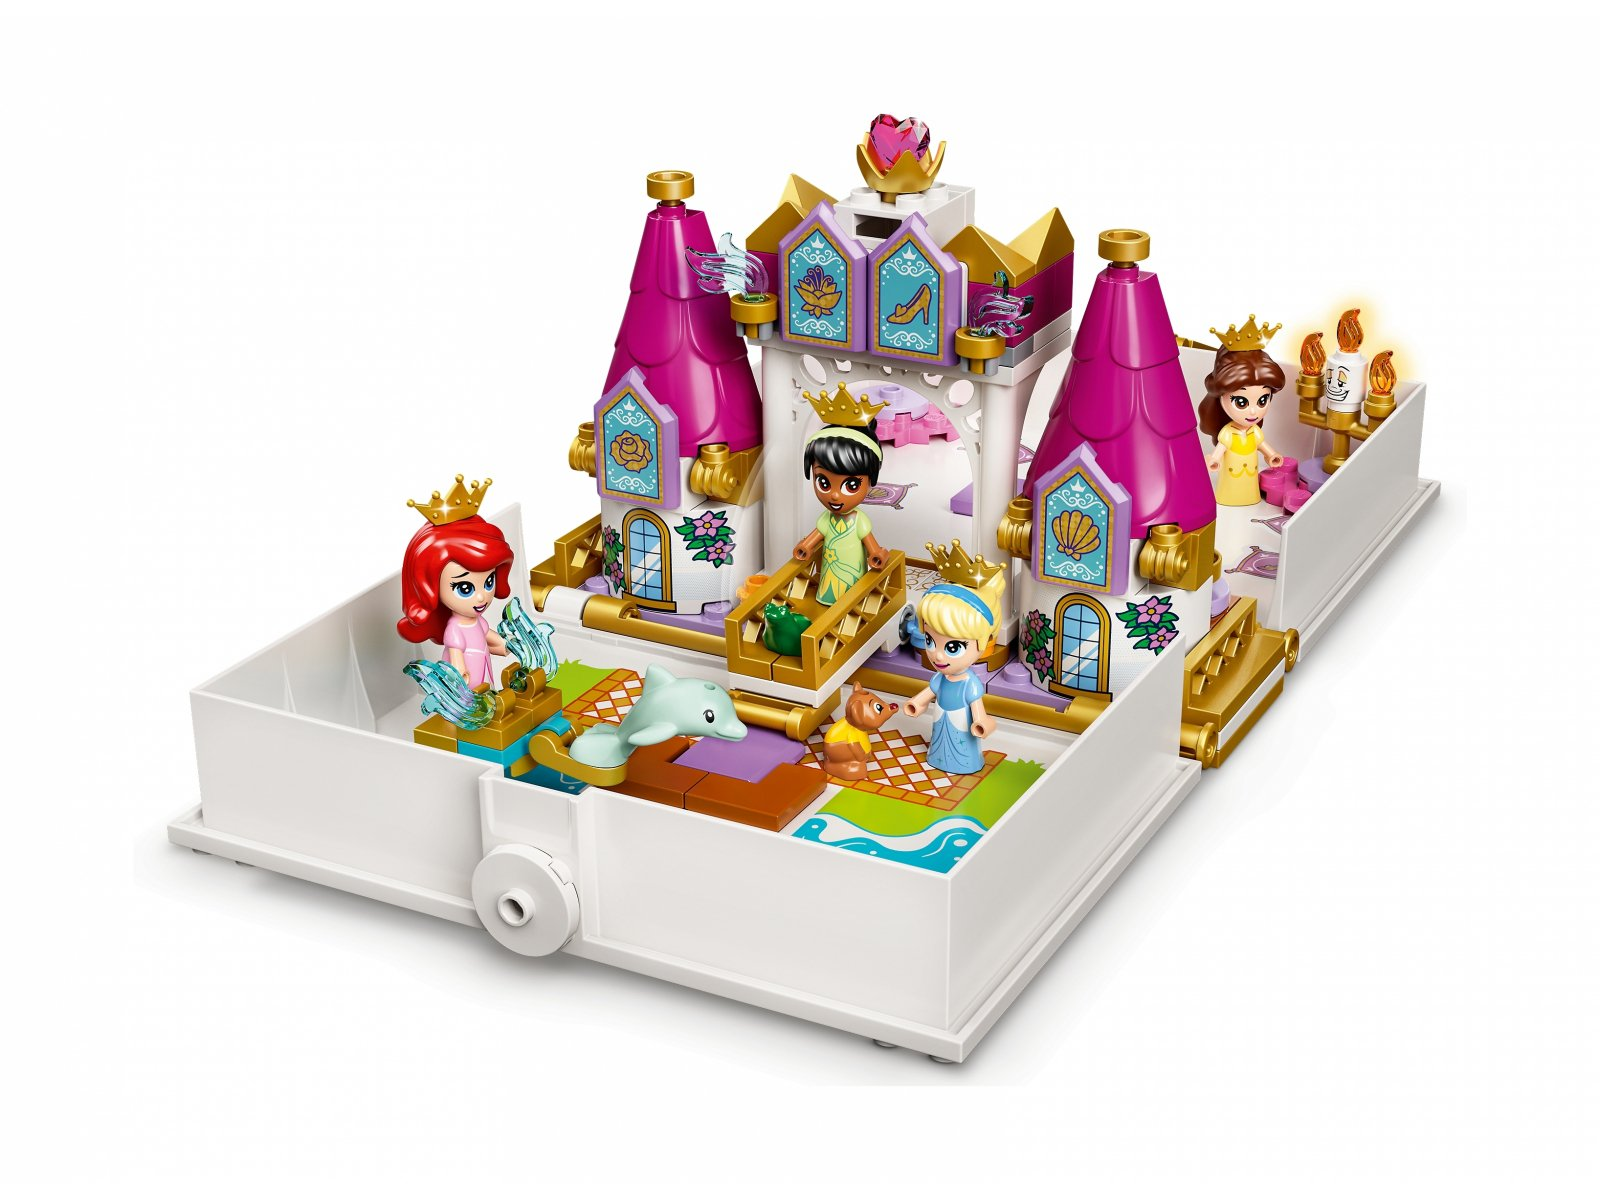 LEGO 43193 Disney Książka z przygodami Arielki, Belli, Kopciuszka i Tiany